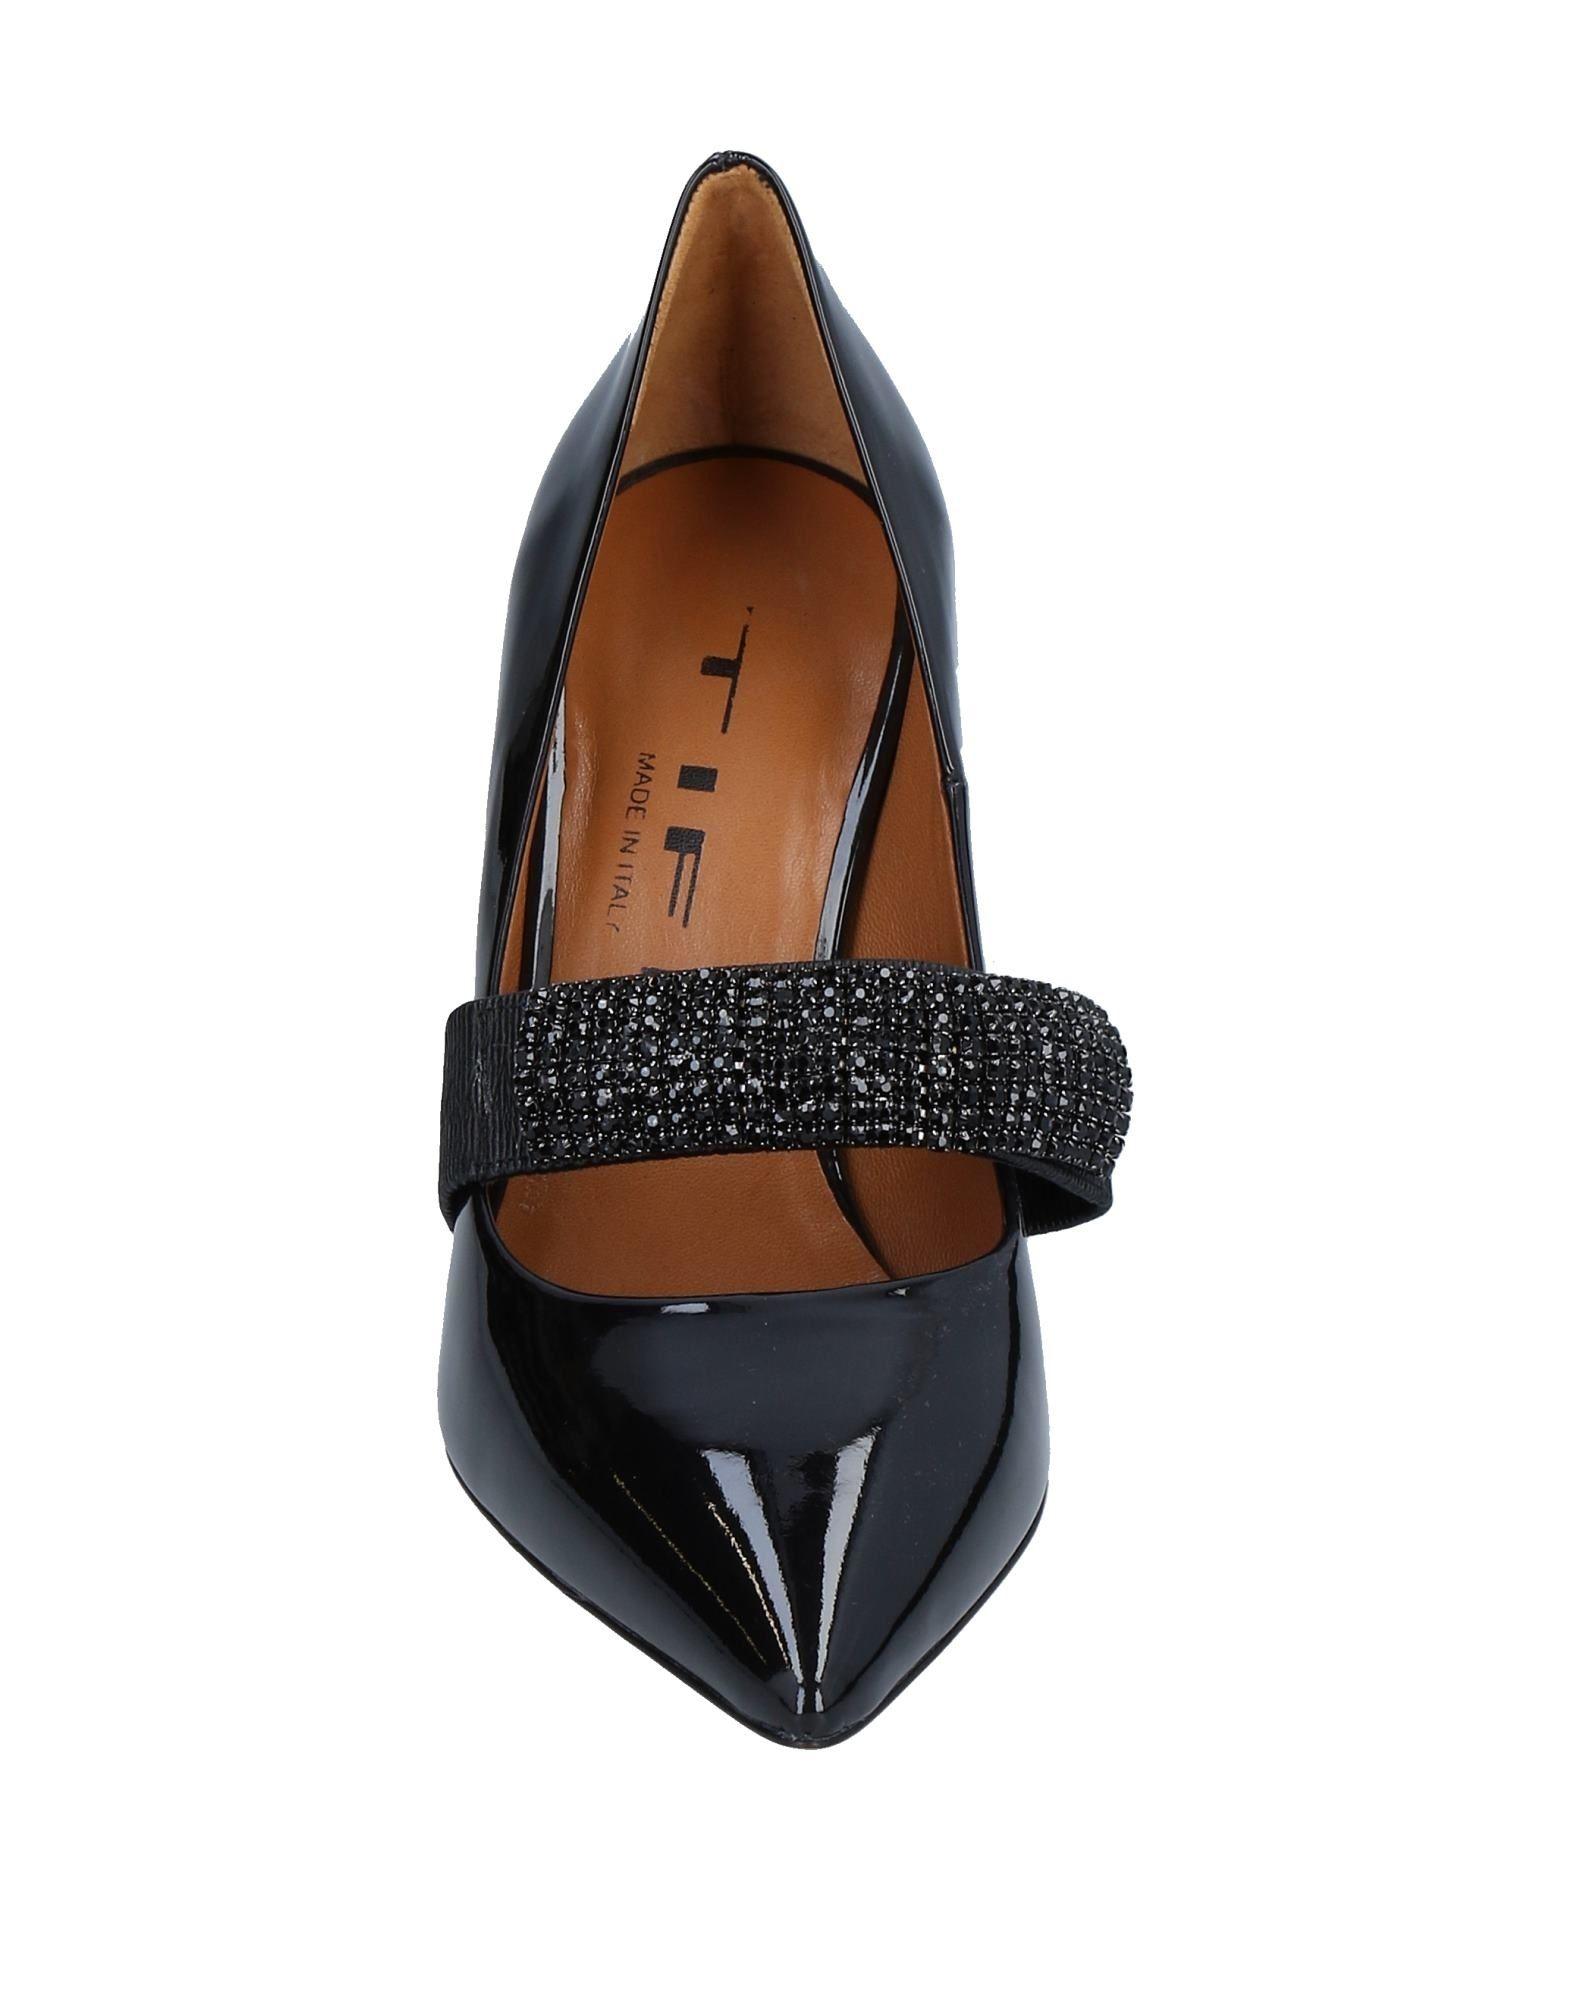 Tiffi Pumps Damen  11521947DH Schuhe Gute Qualität beliebte Schuhe 11521947DH a64520